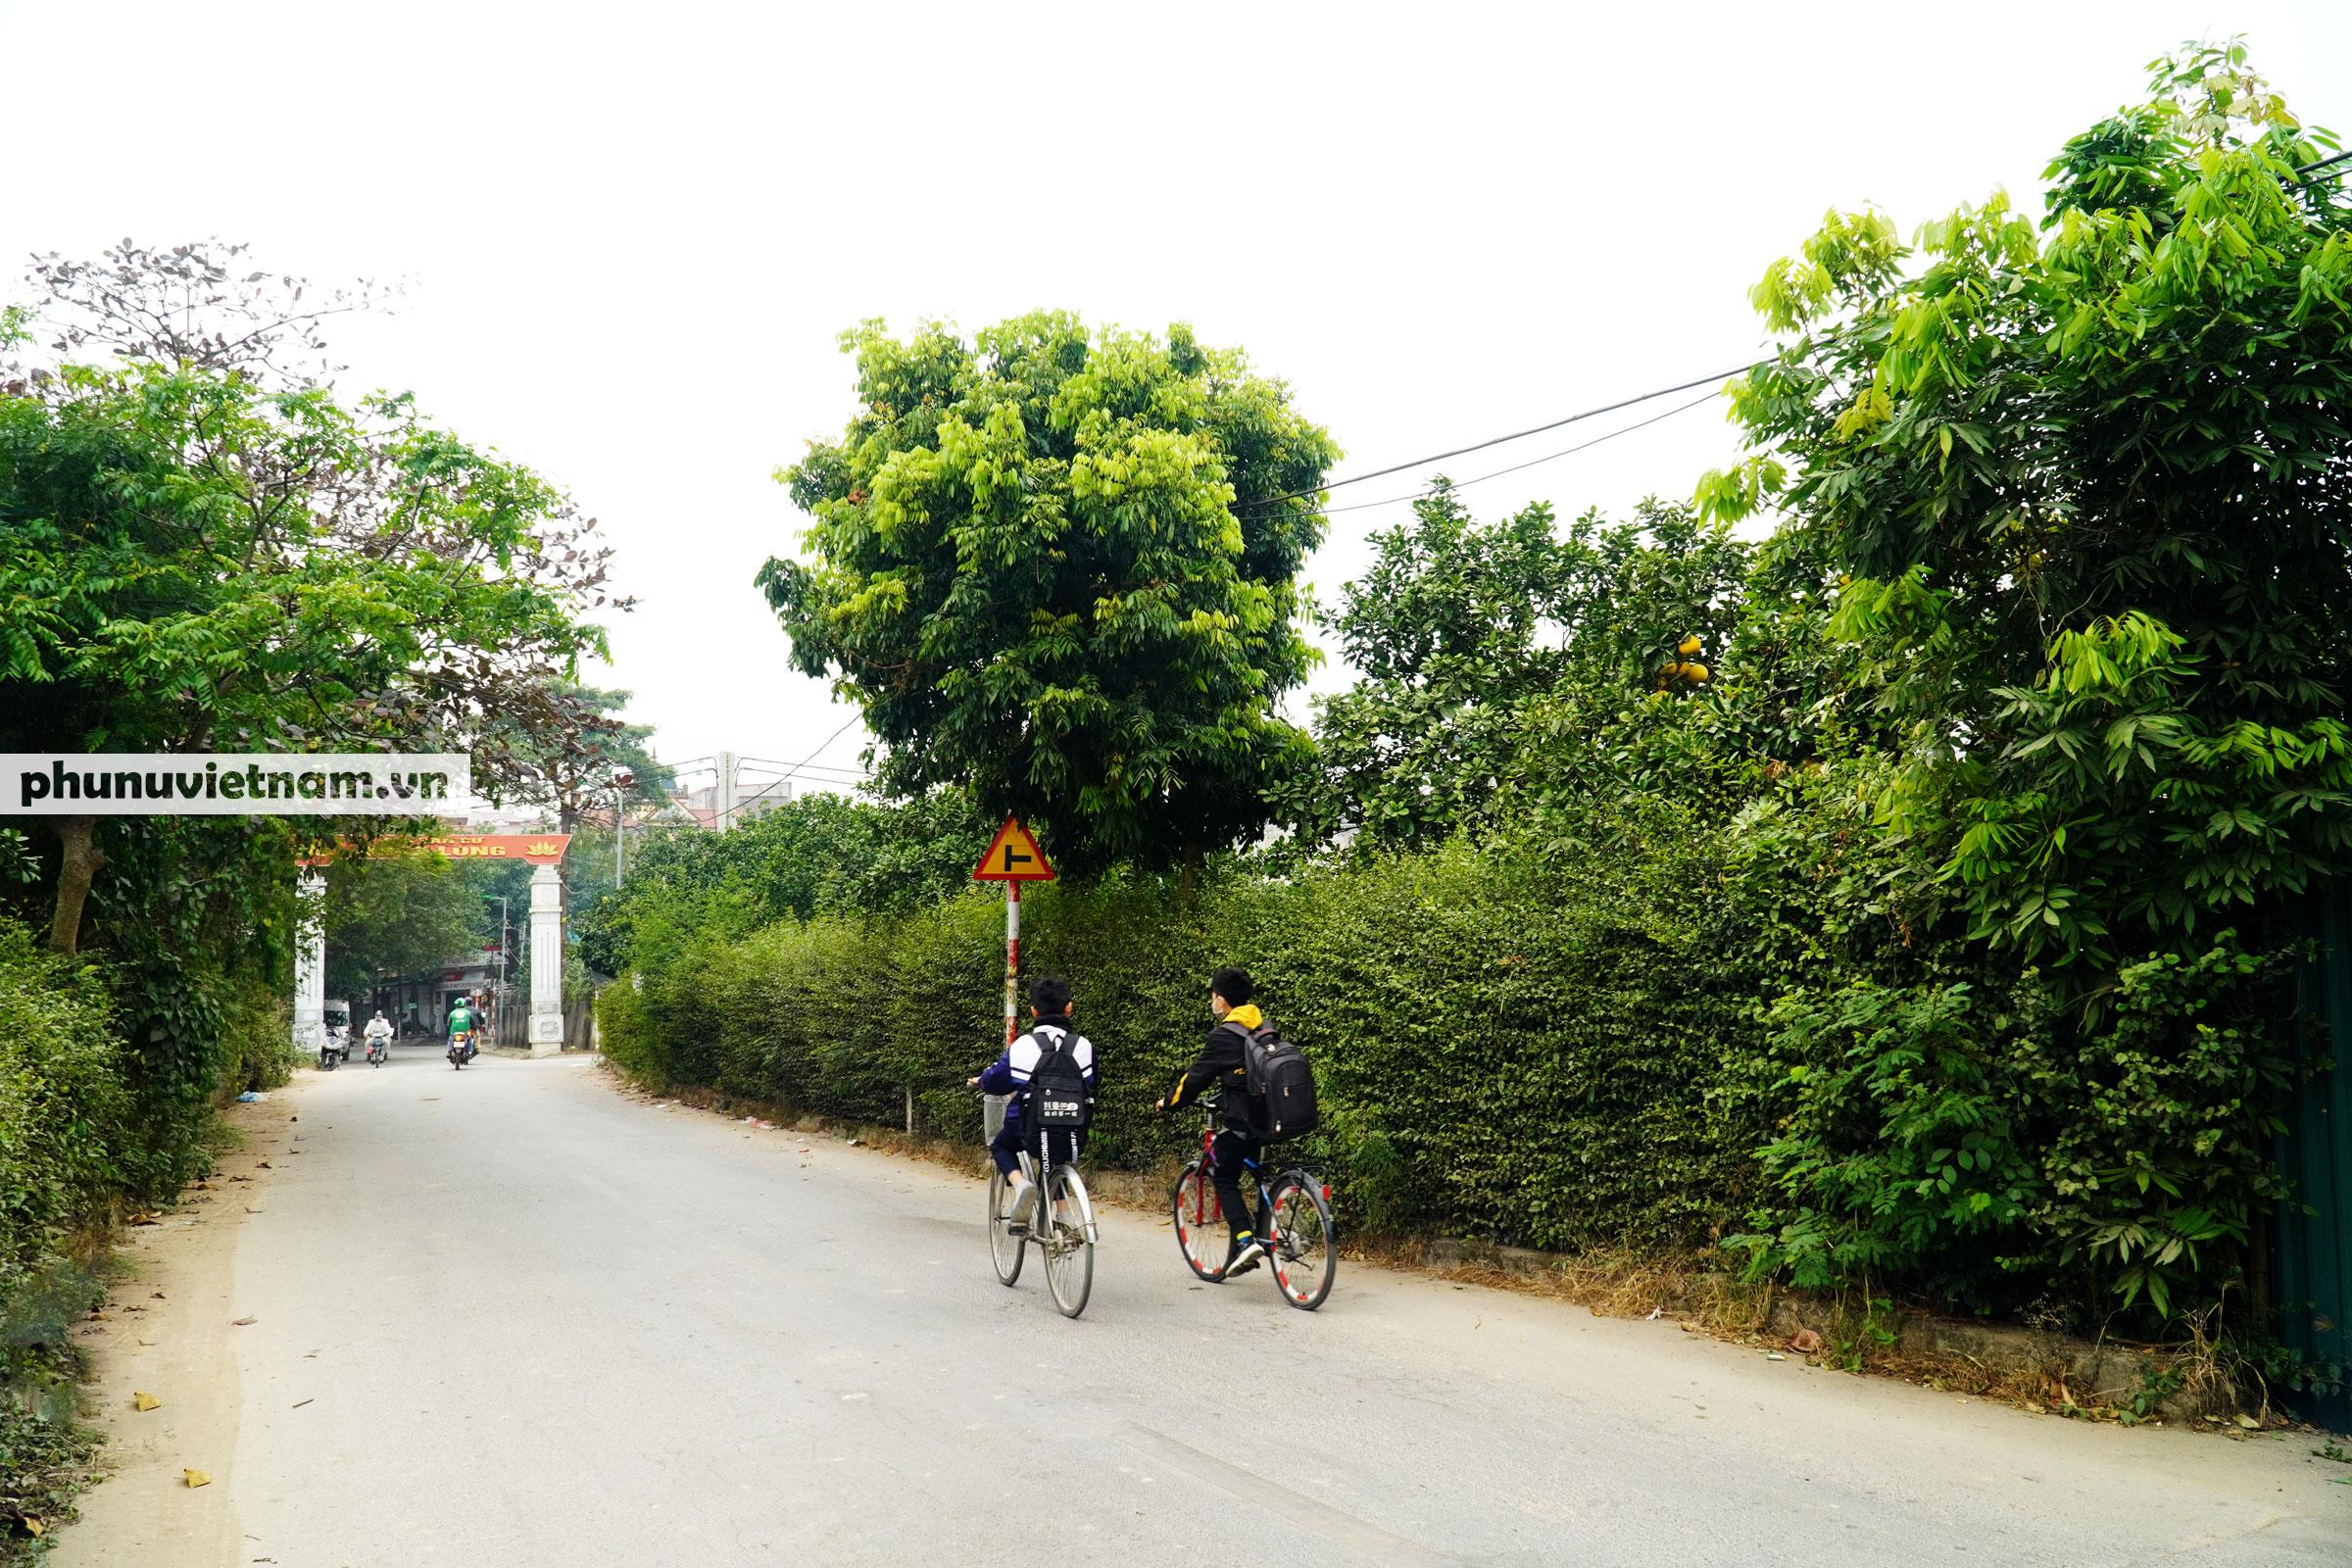 Vườn bưởi Diễn tuổi 30, chi chít cả trăm quả chào Xuân Tân Sửu - Ảnh 17.